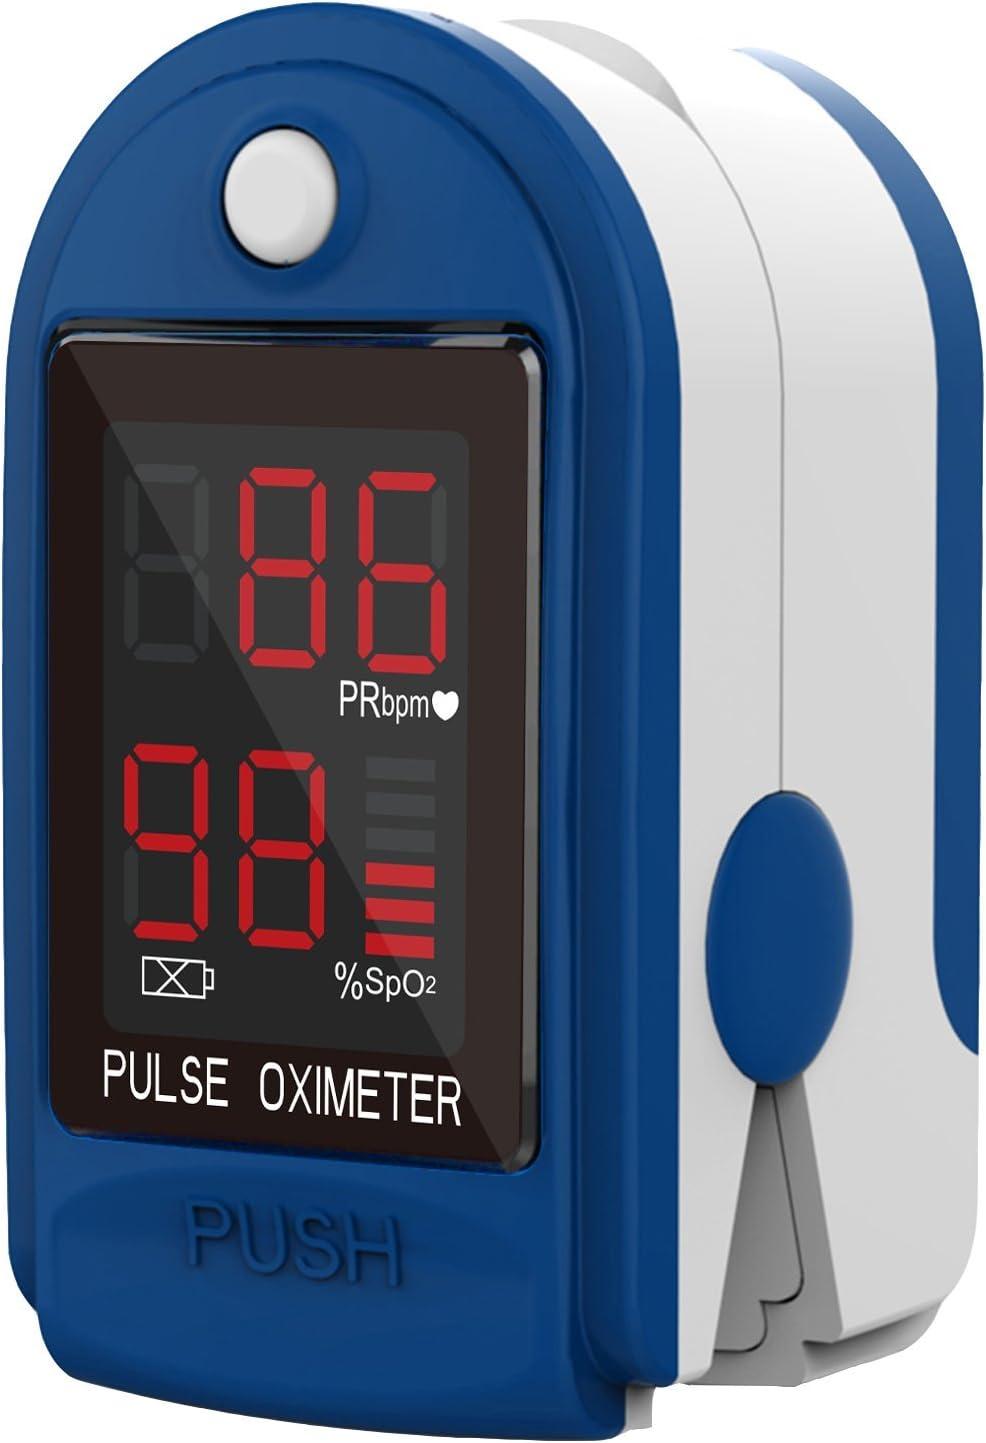 fingerpulsoximeter cms de 50DL Medidor de frecuencia cardíaca Pulso Medición de saturación de oxígeno con pantalla LED incl. Pilas/funda/carcasa de silicona, correa